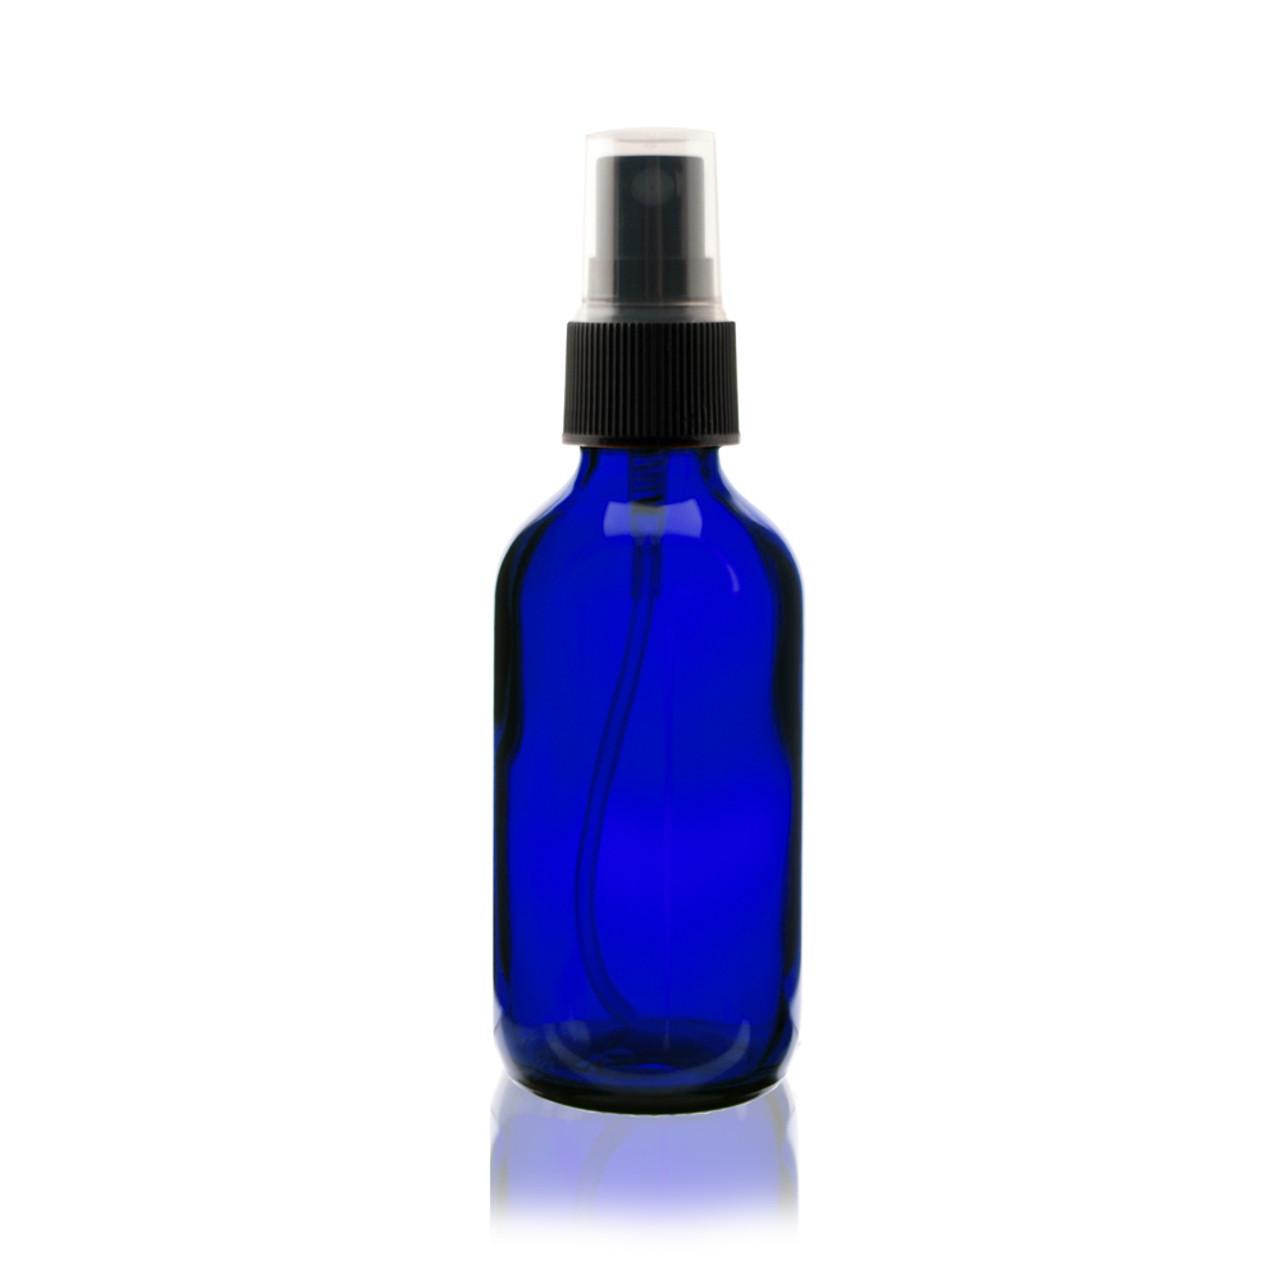 342a7aa31737 2 oz Cobalt BLUE Glass Bottle - w/ Black Fine Mist Sprayer